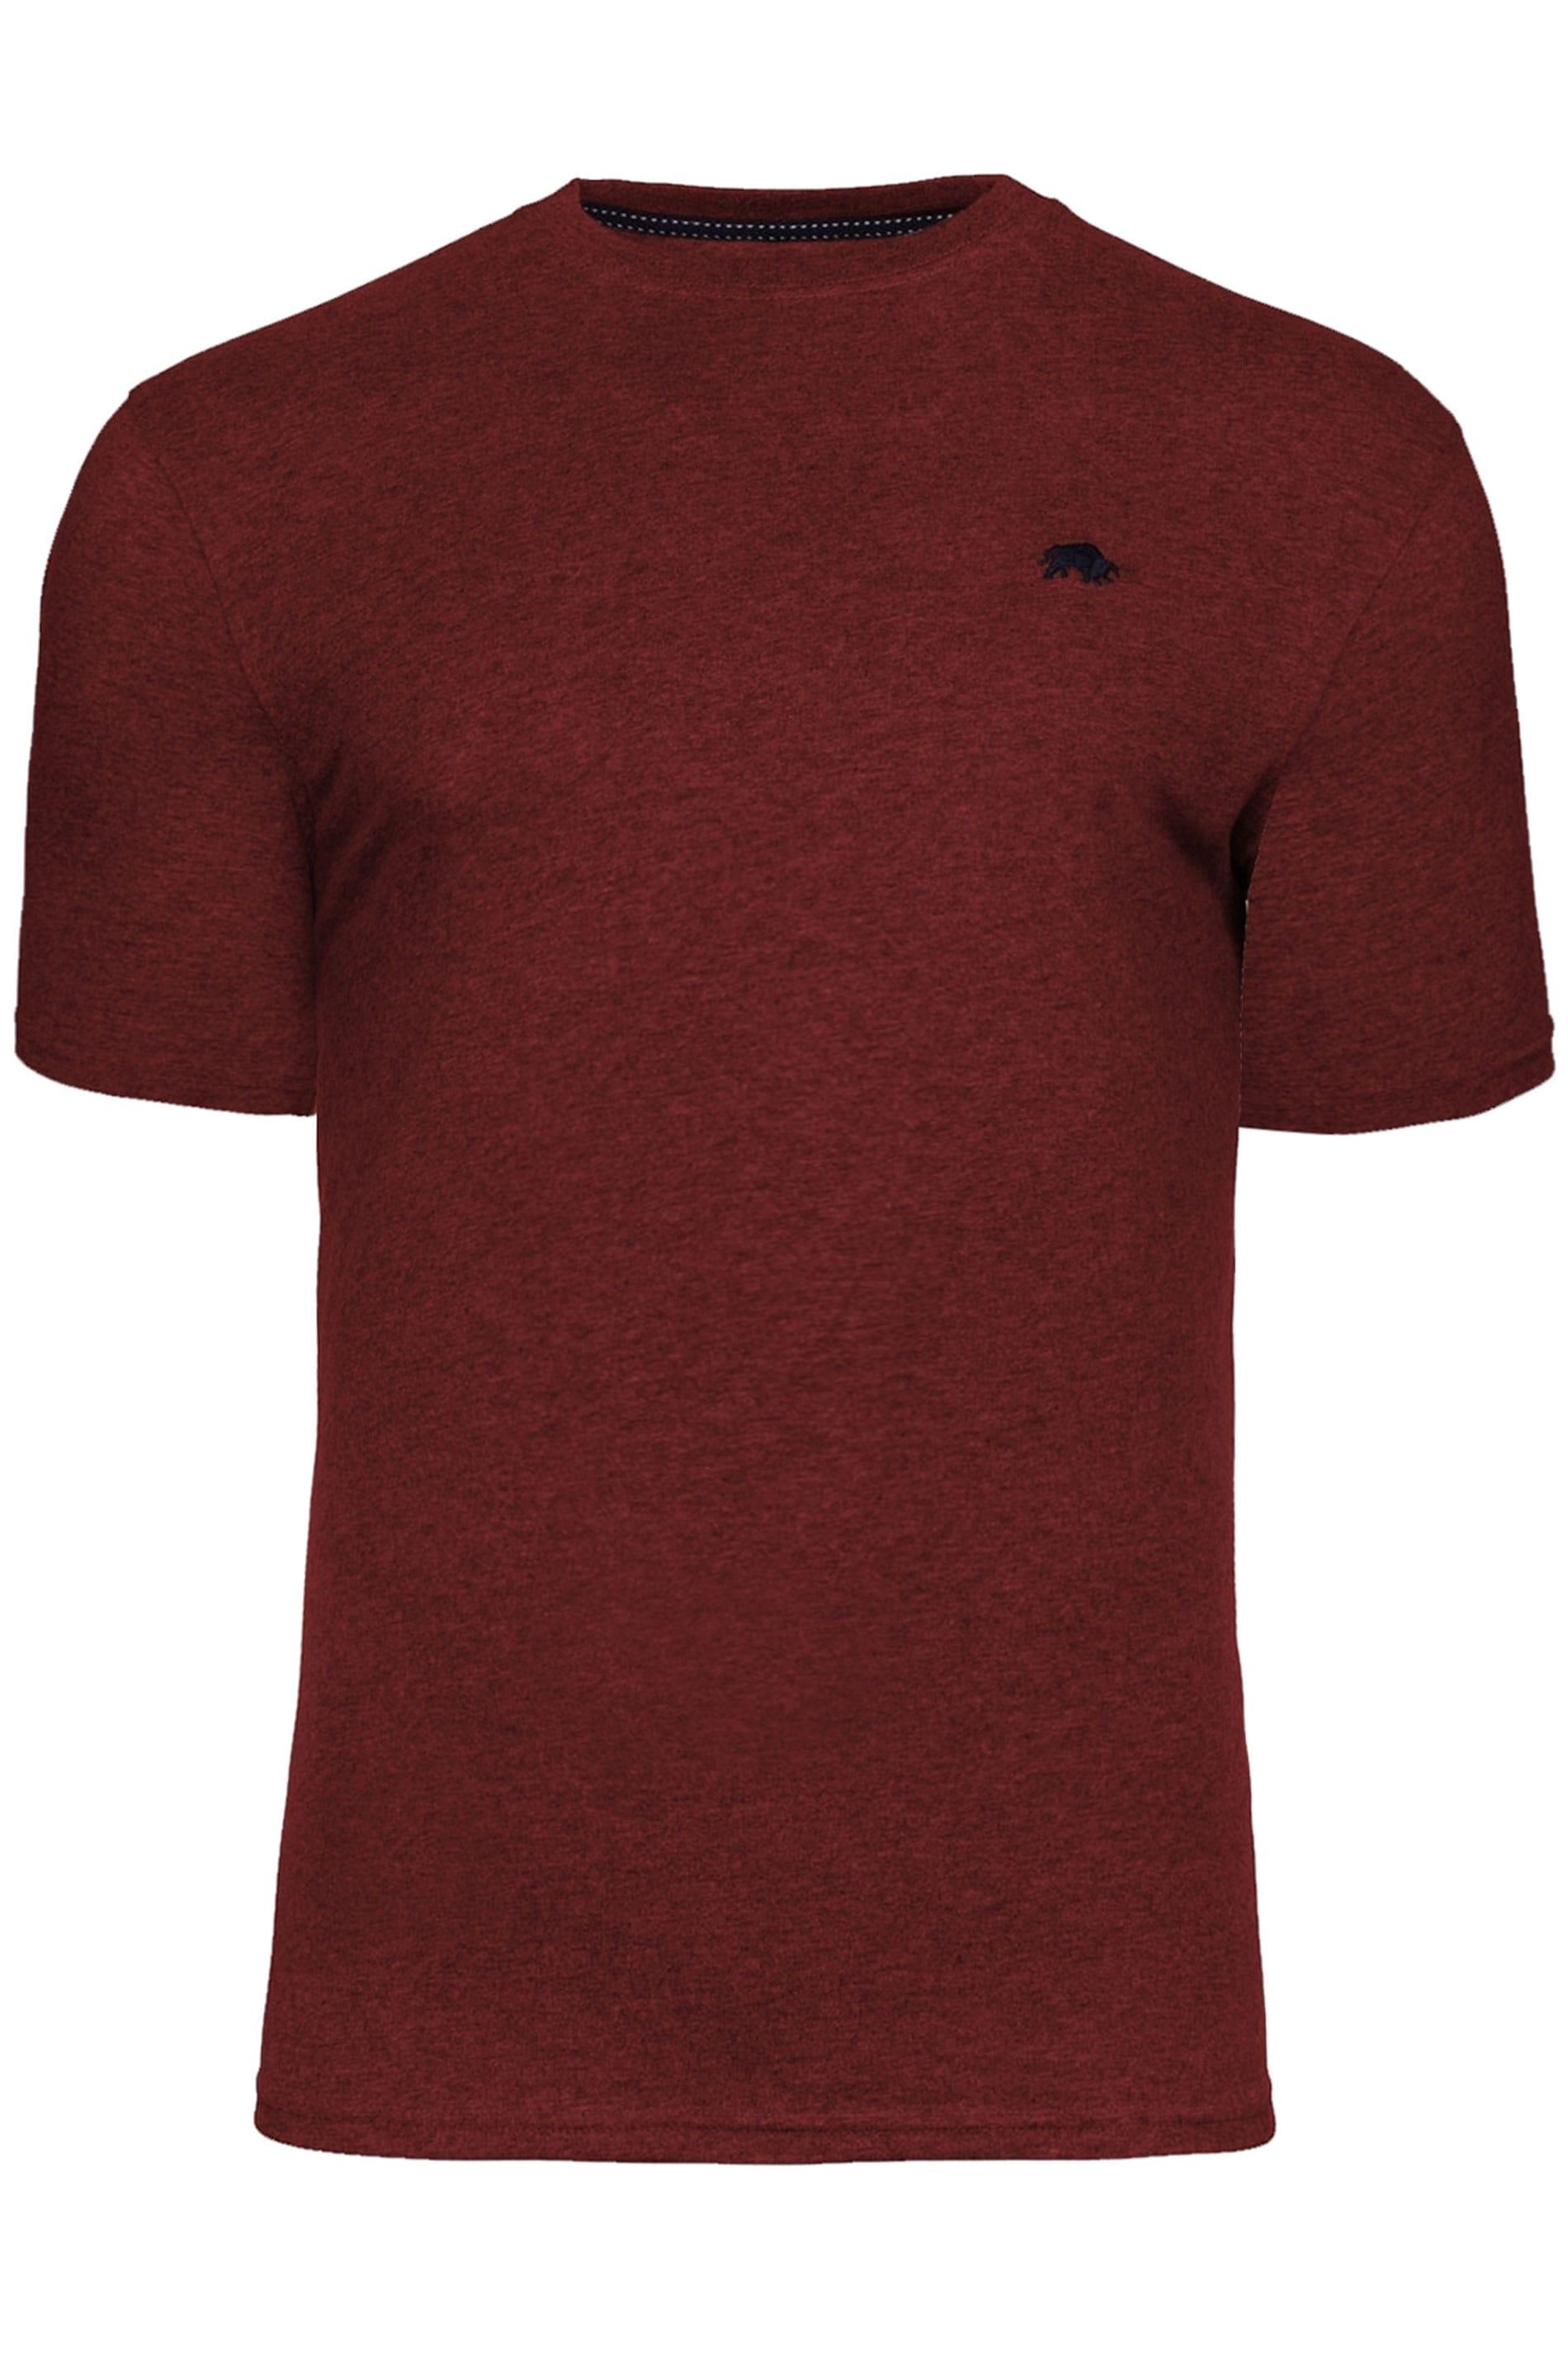 RAGING BULL Wine Red Signature T-Shirt